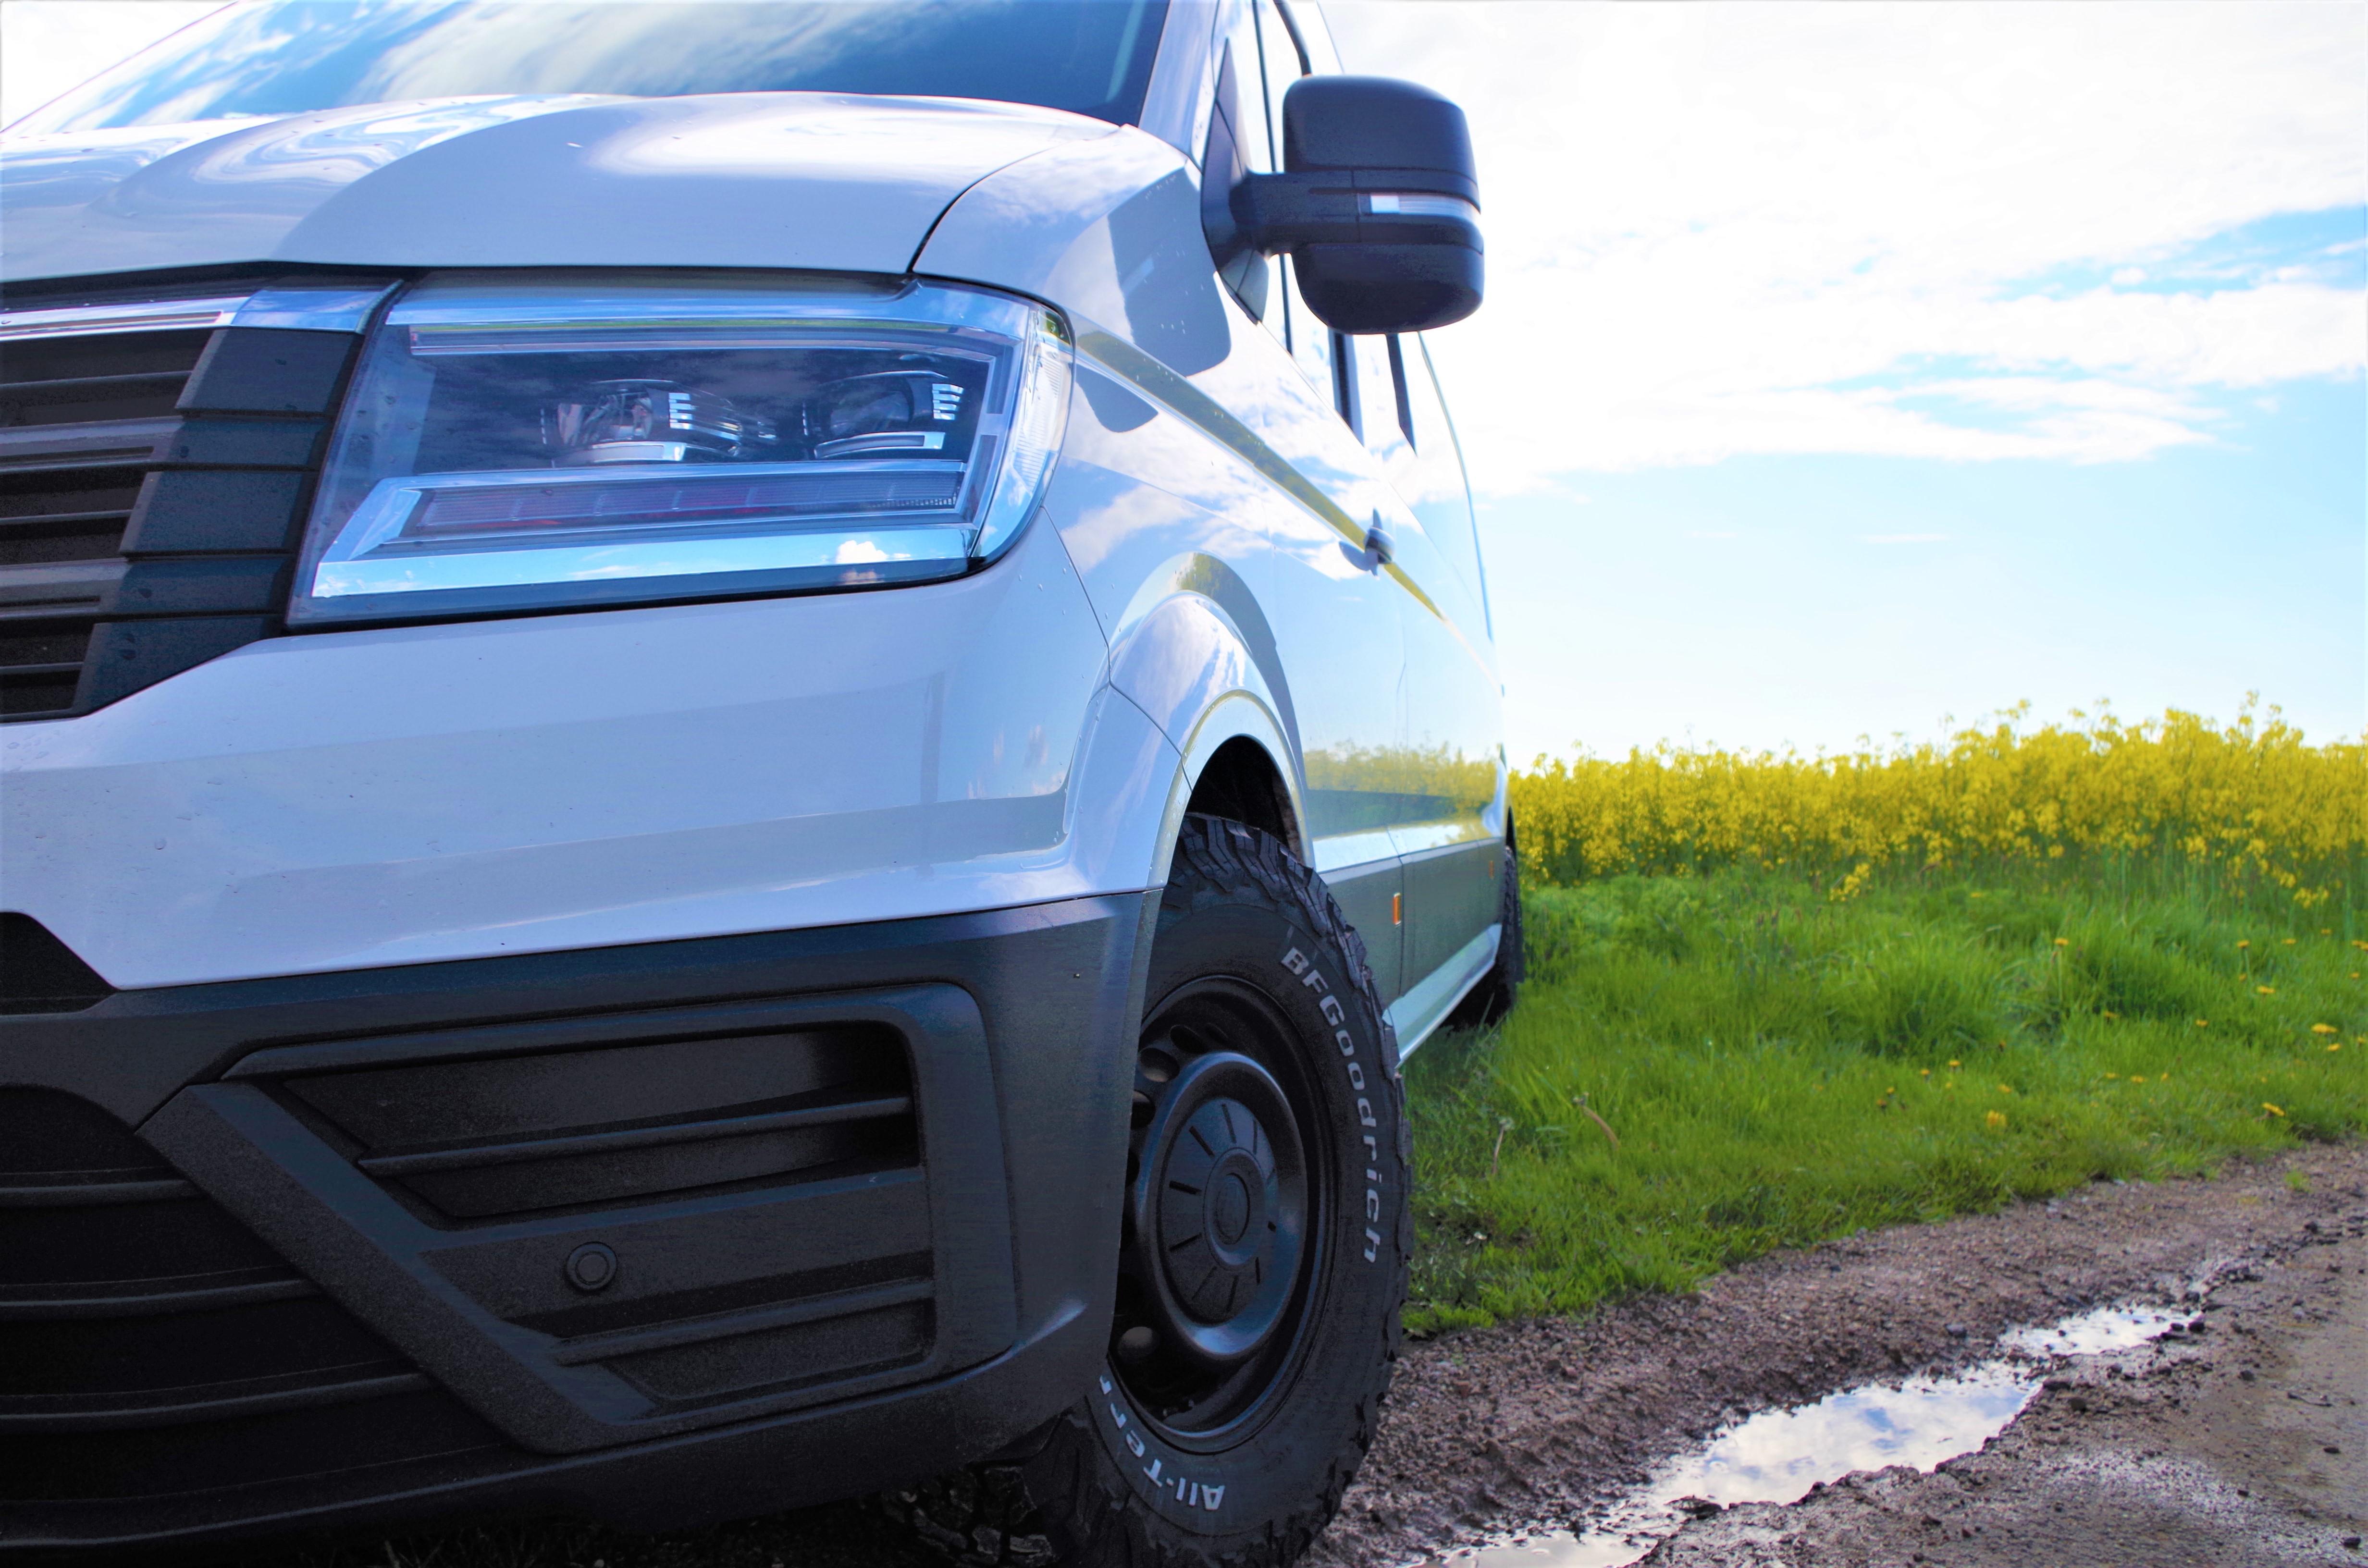 VW Crafter umbereifung offroadreifen offroad reifen 255/70R16 BF Goodrich General Grabber AT3